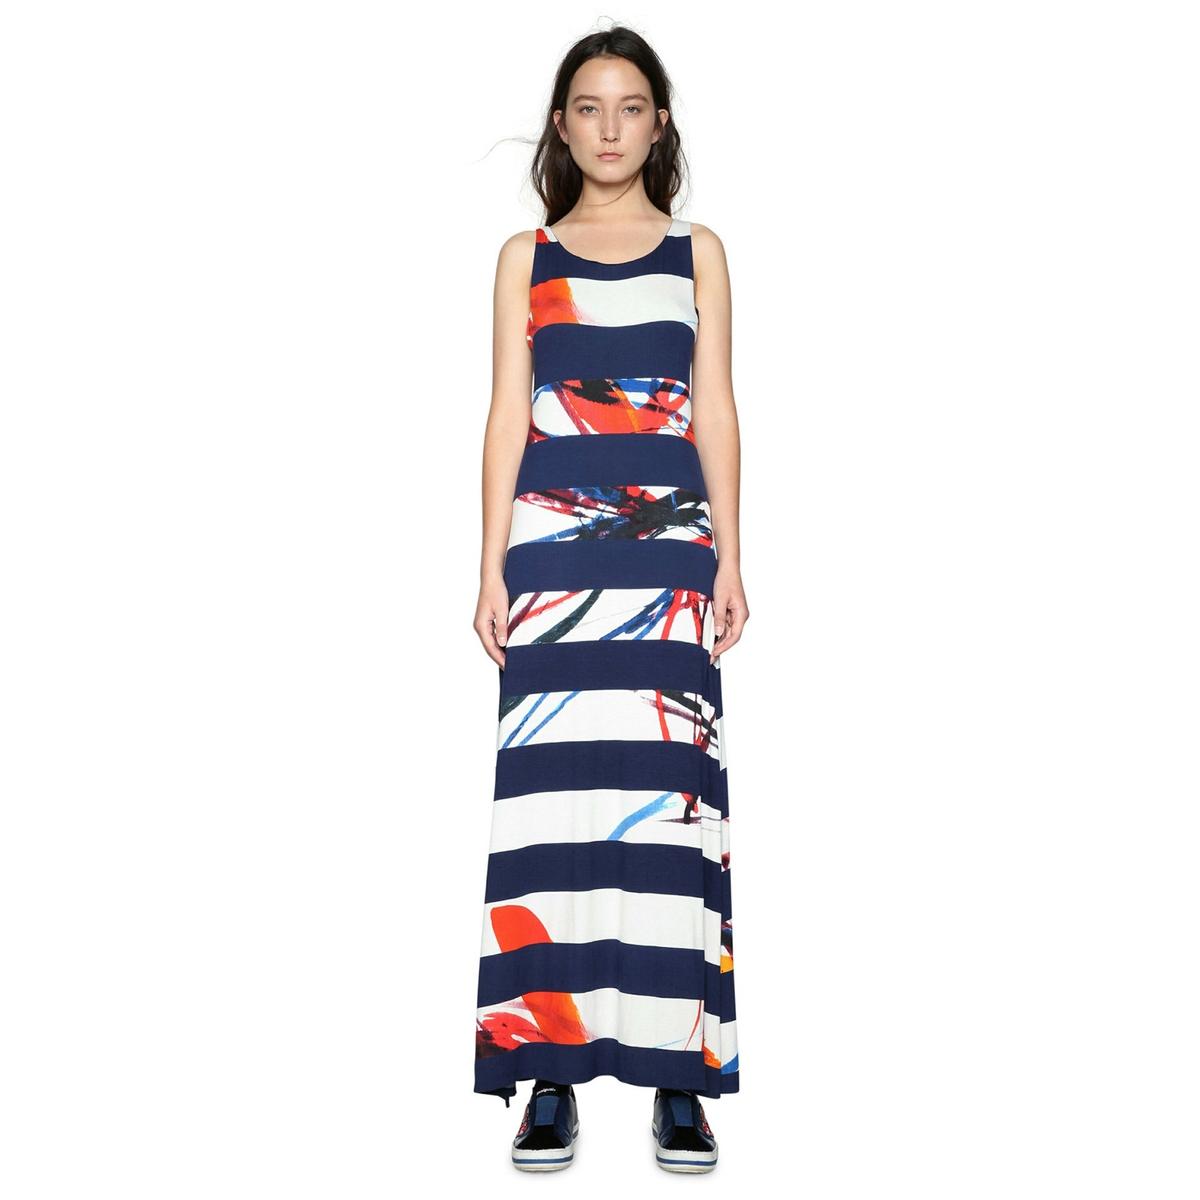 Платье прямое длинное с рисунком, без рукавов